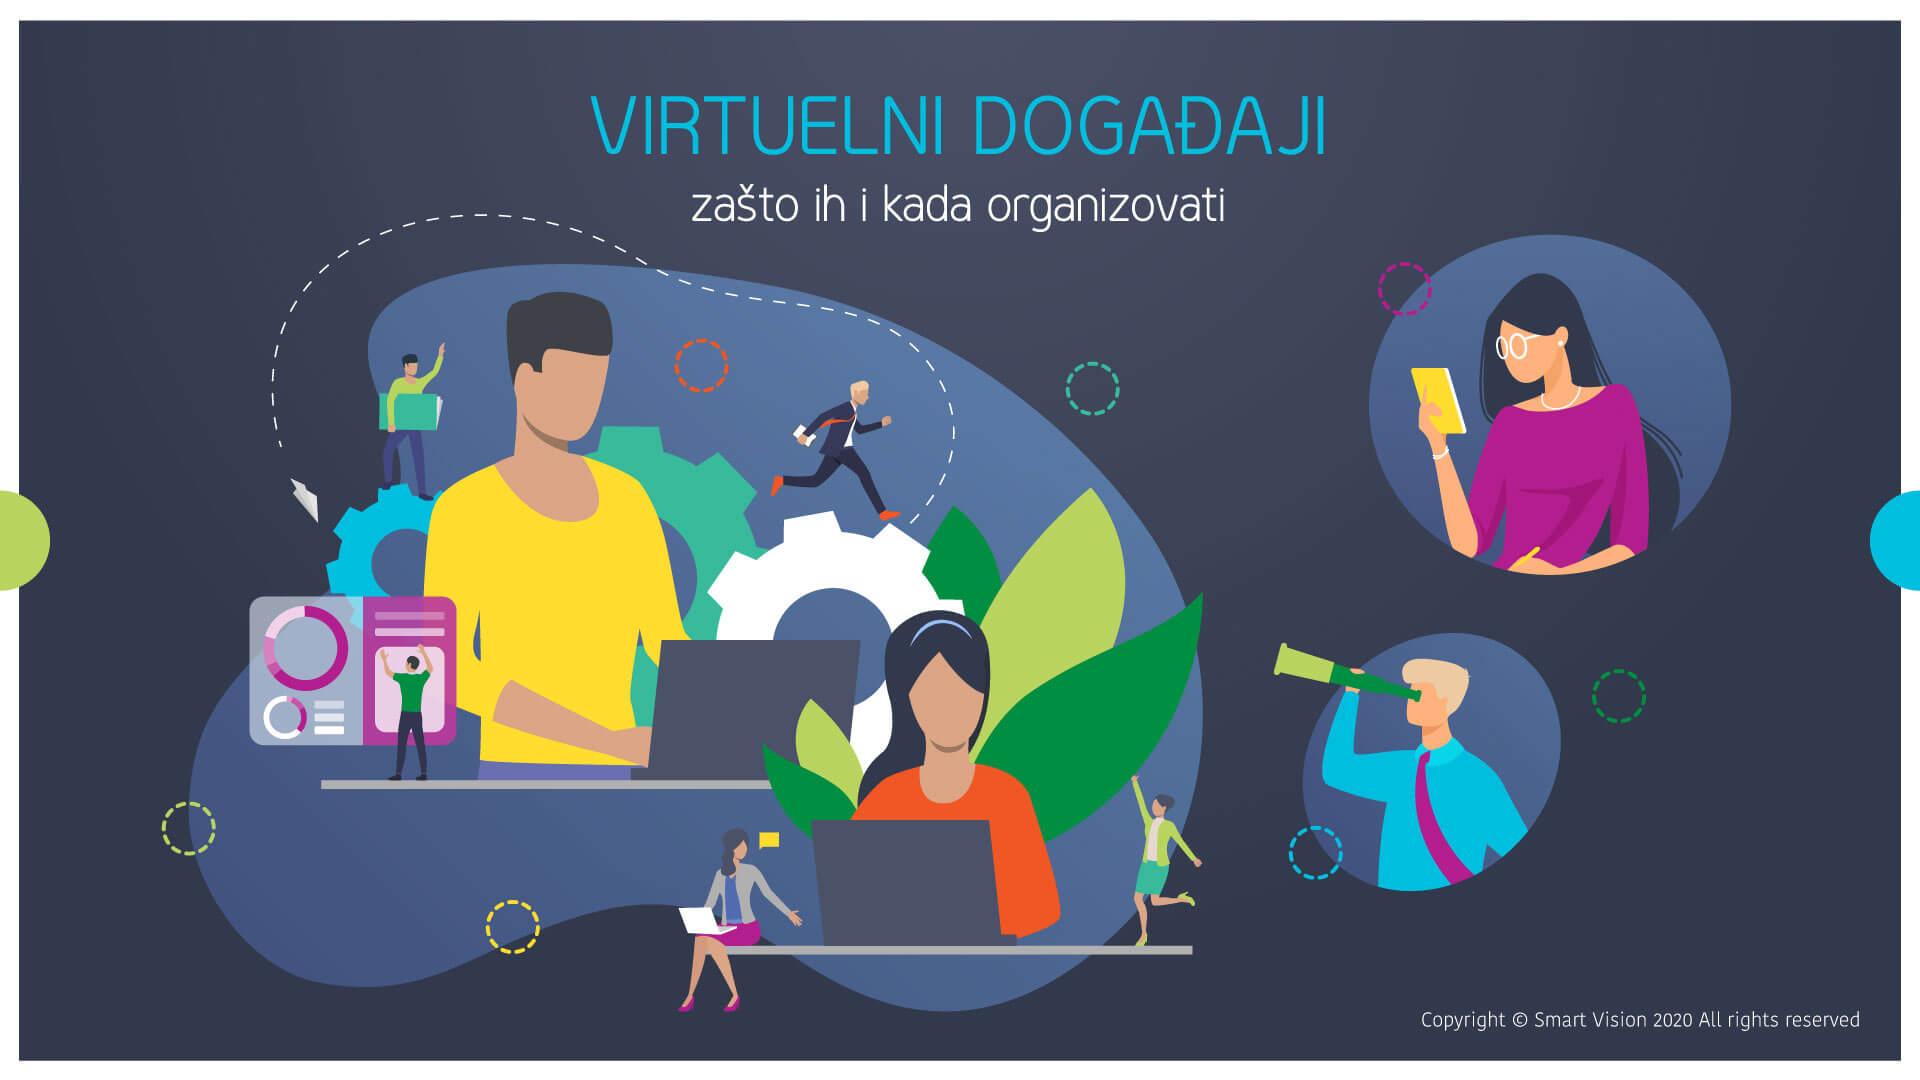 Smart Vison blog - Virtuelni dogadjaji - Zasto ih i kada organizovati